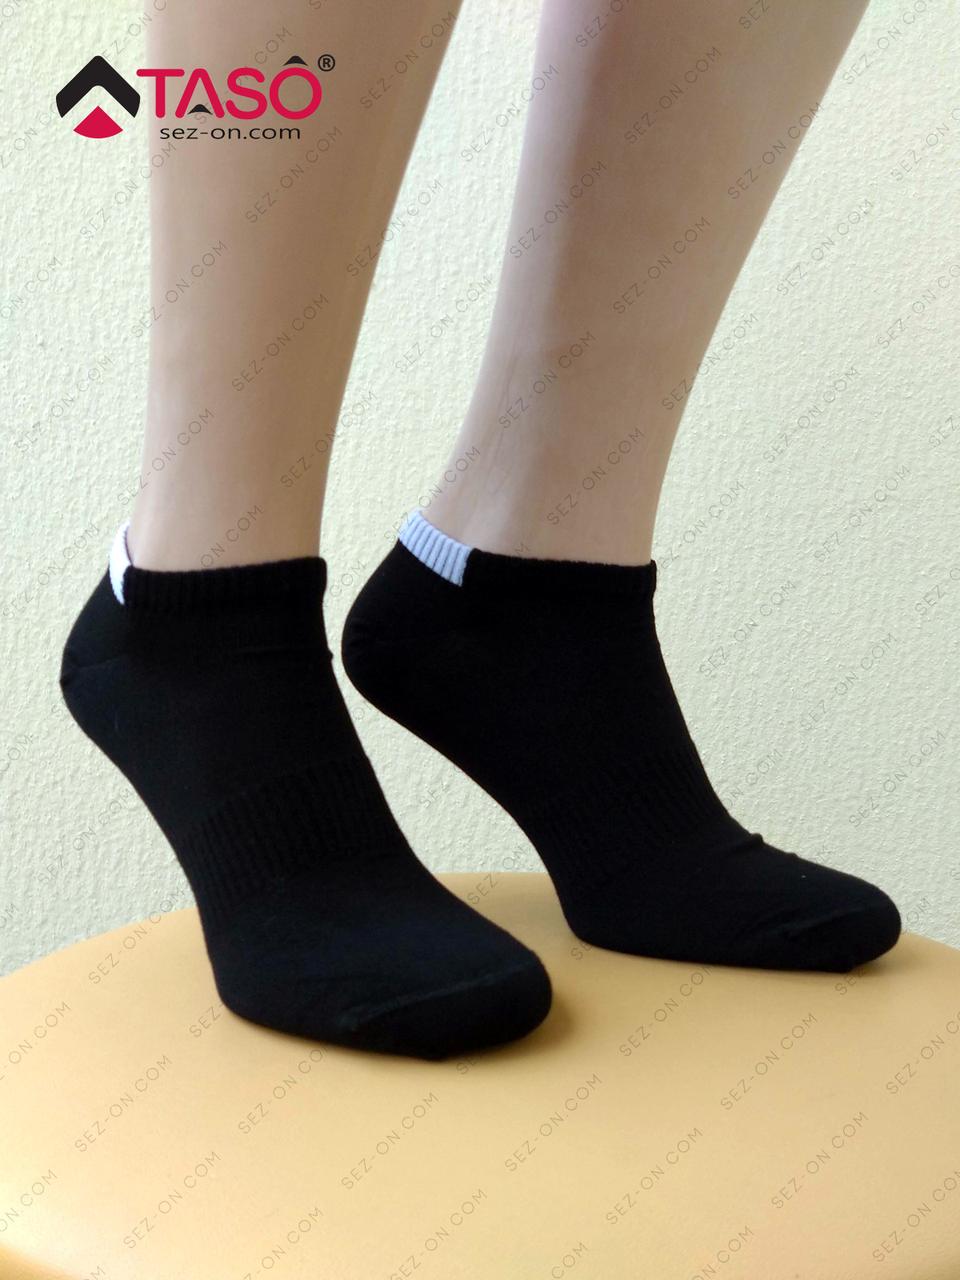 Носки мужские бамбуковые Taso с удобной резинкой, цвет Черный, размер 25